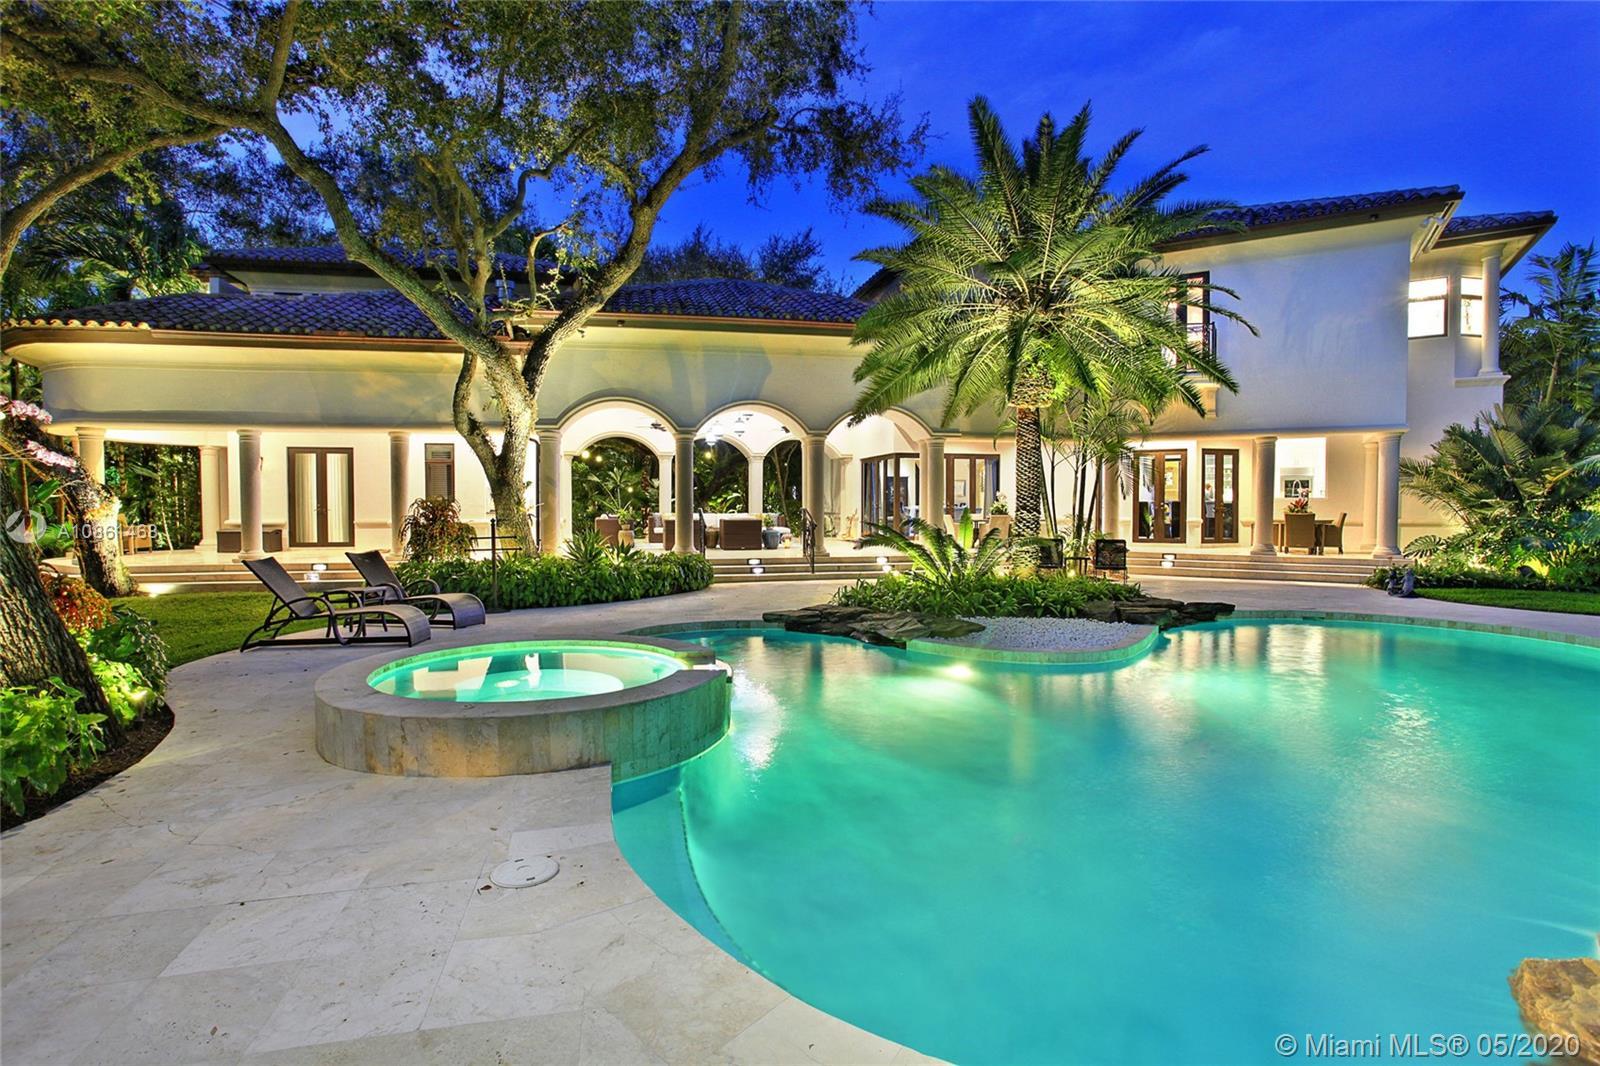 10001 Fairchild Way Luxury Real Estate